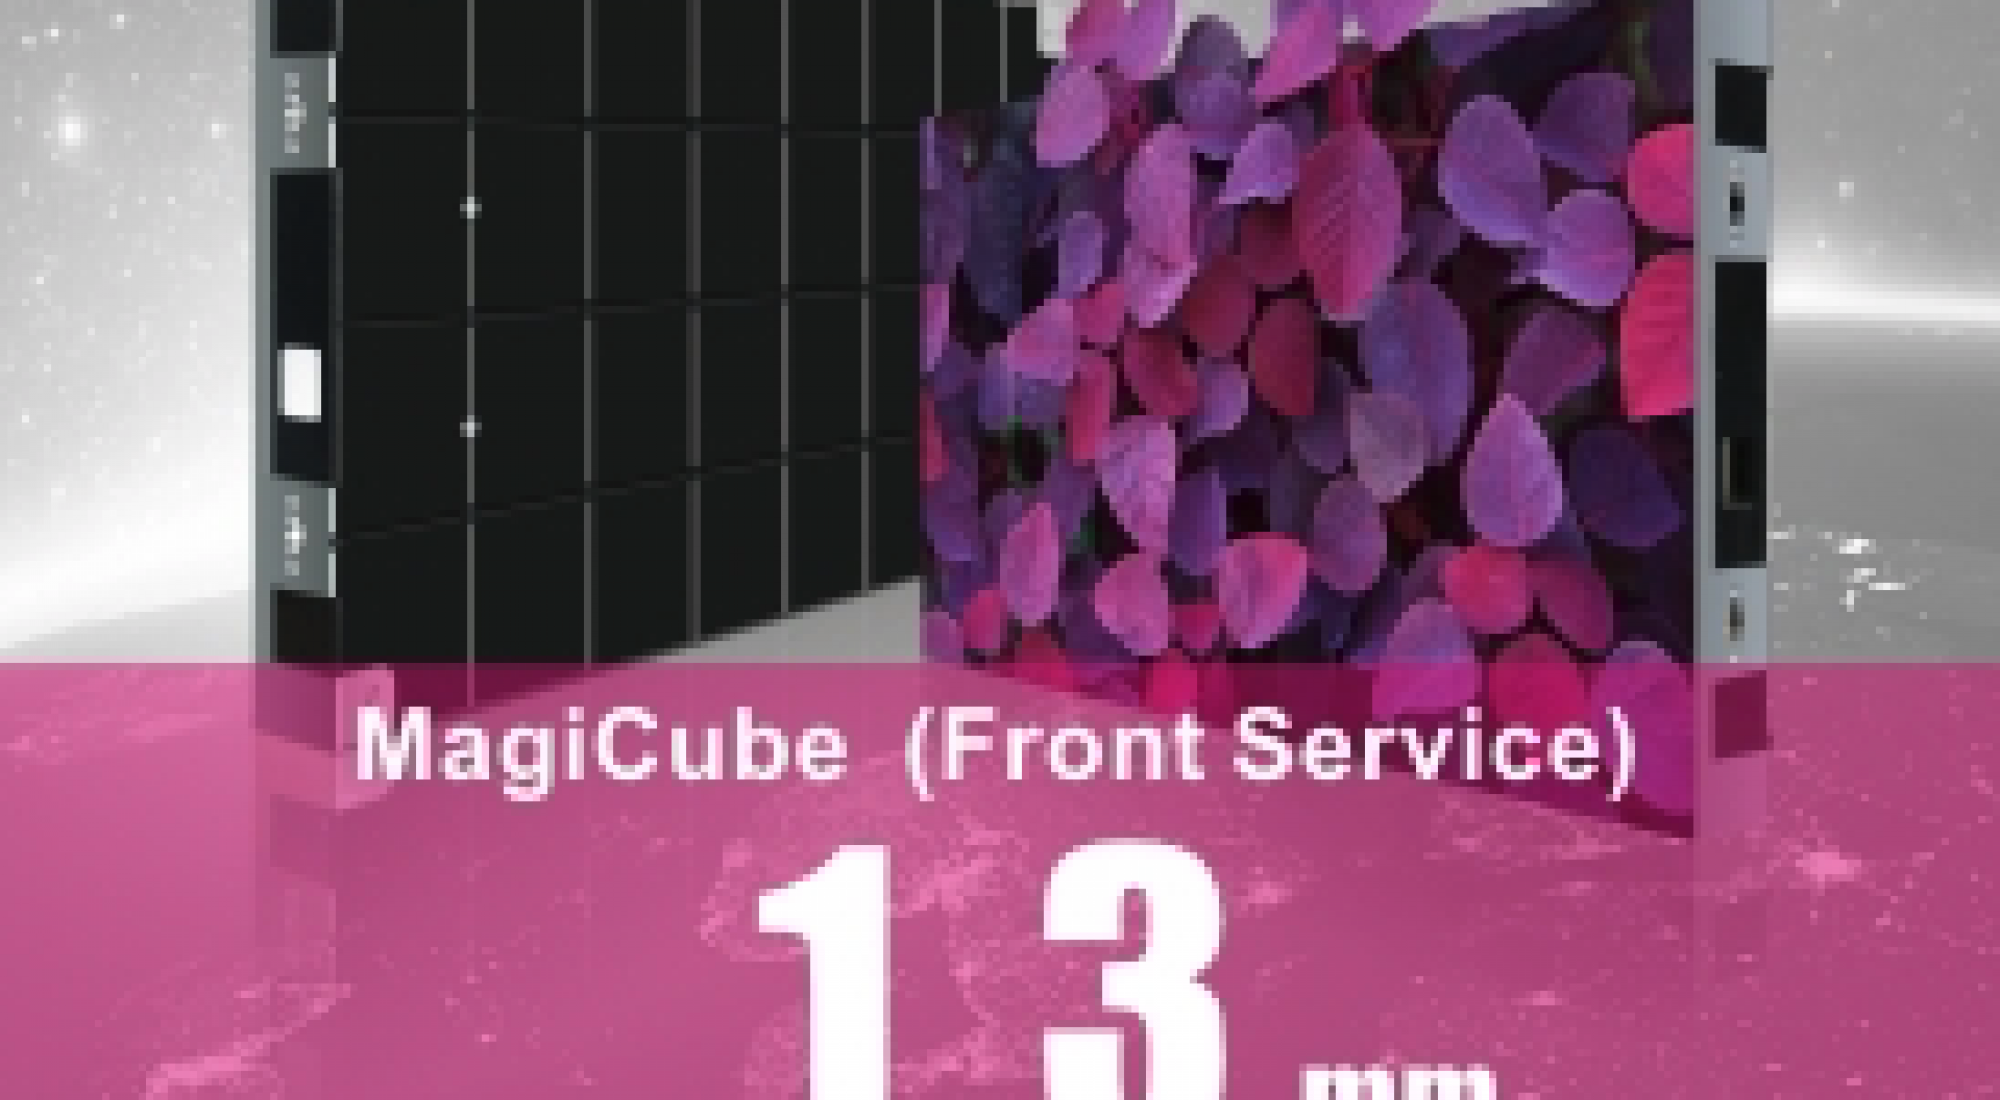 MagiCube led 1.3mm